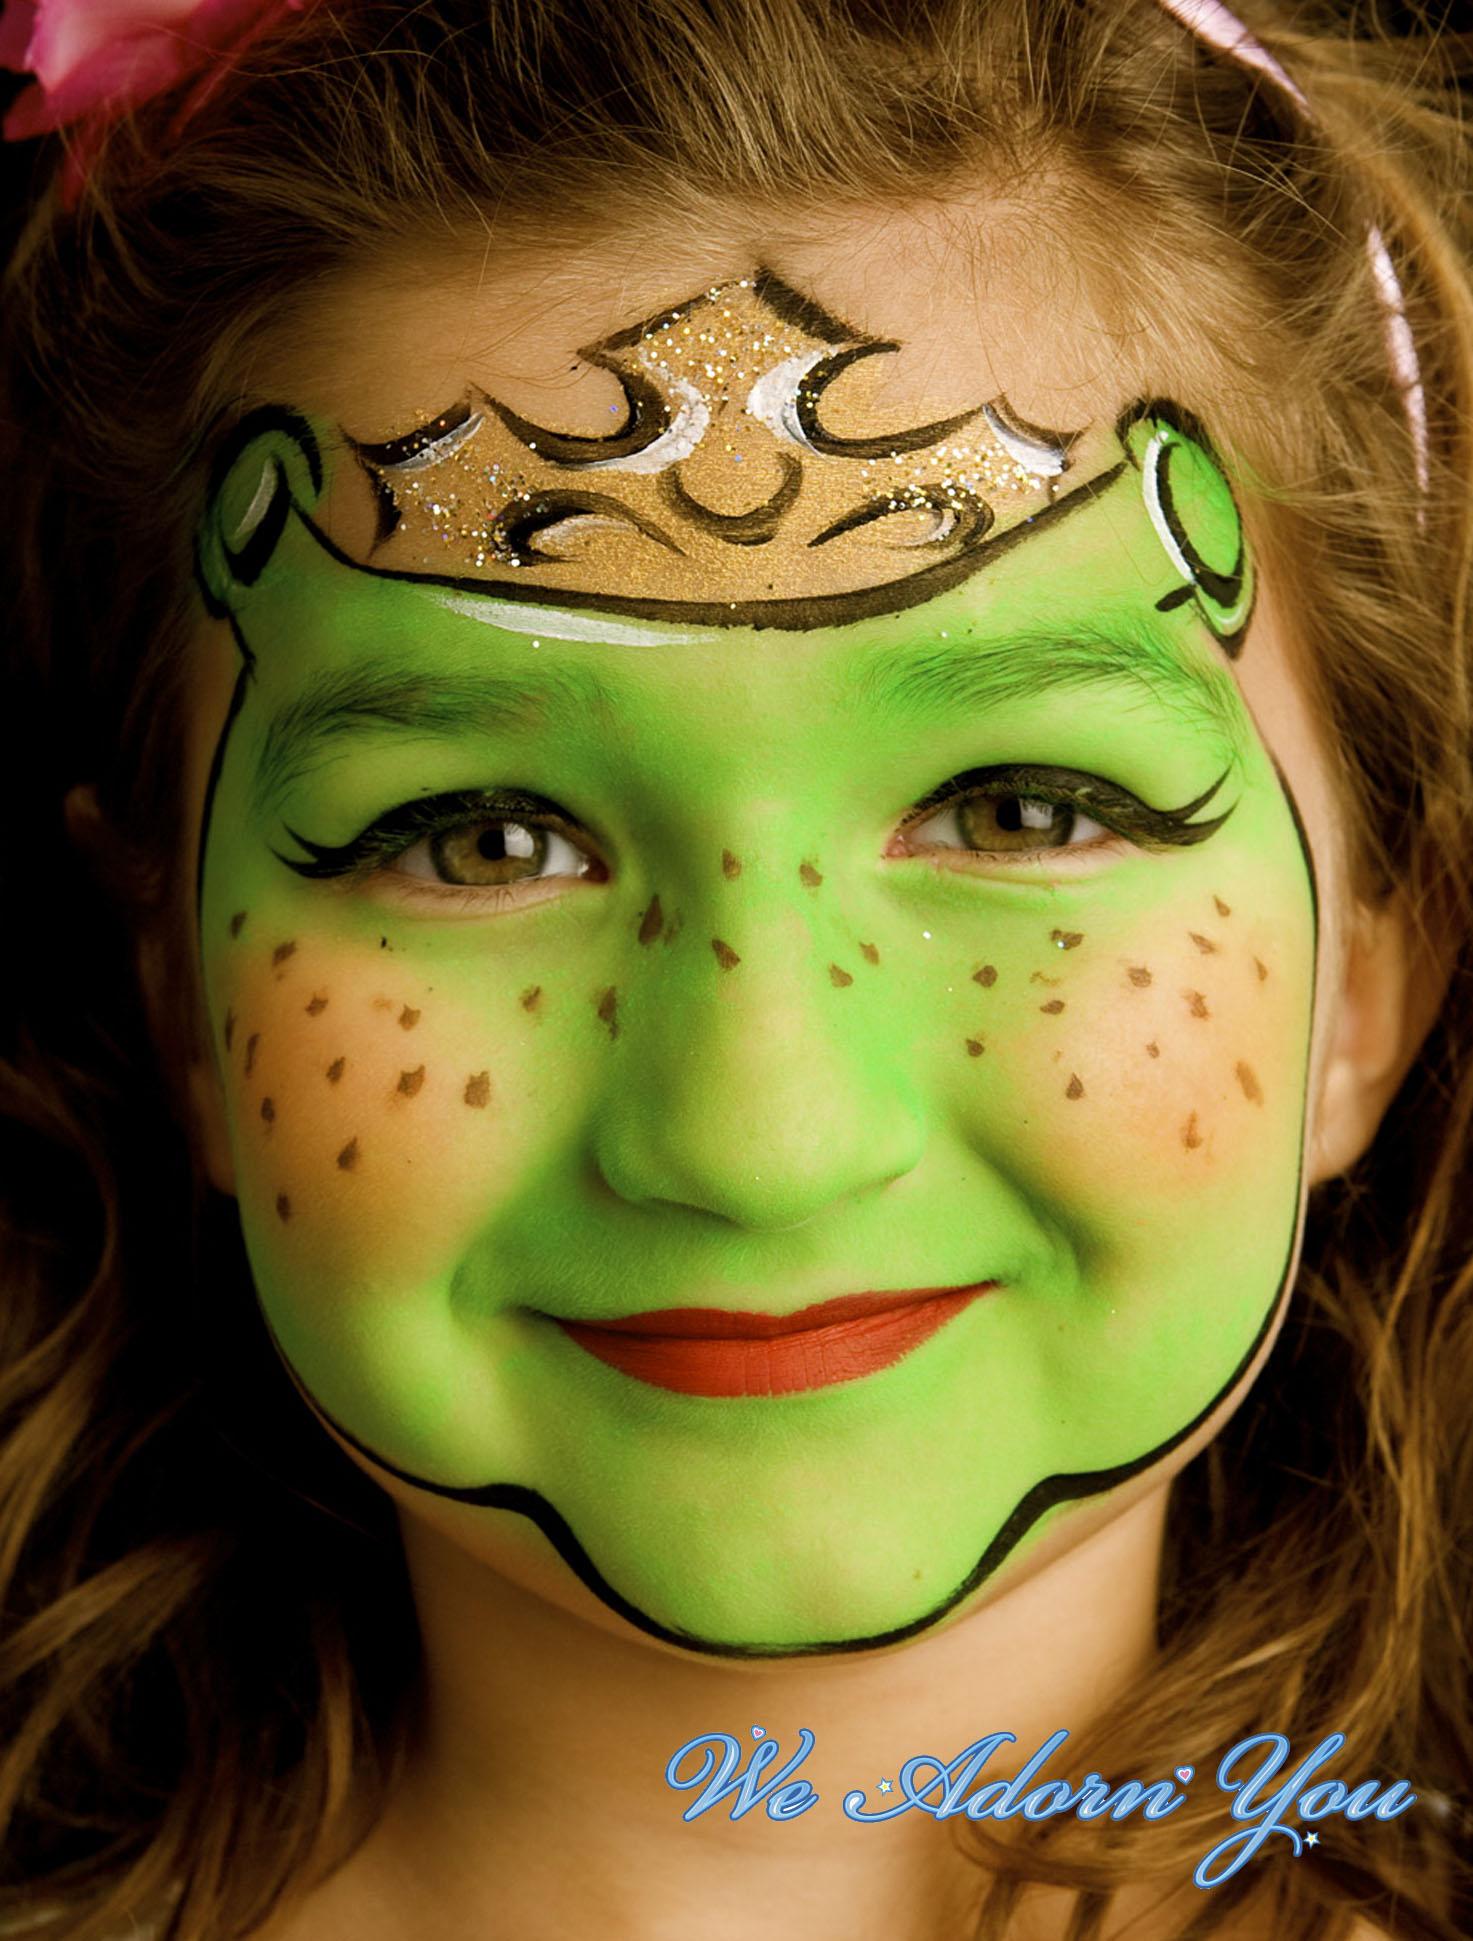 Face Painting Shrek Girl- We Adorn You.jpg